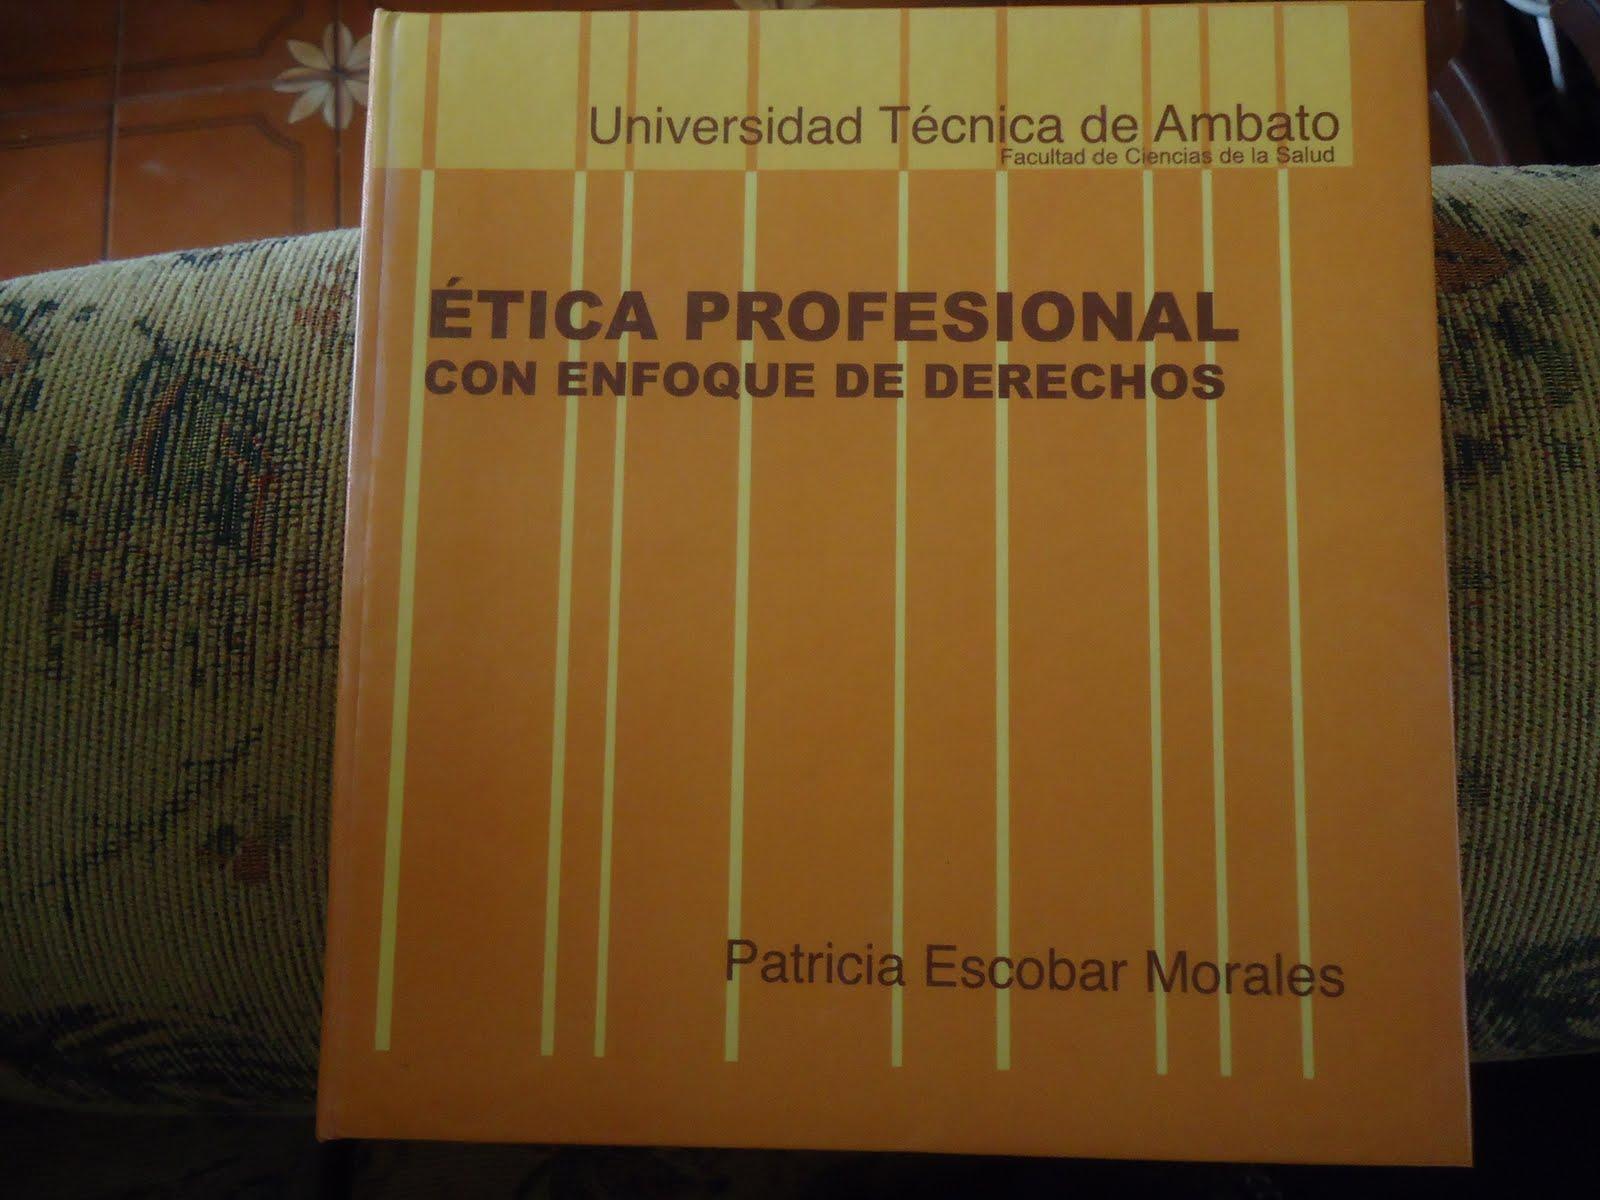 Ética Profesional con enfoque de derechos humanos